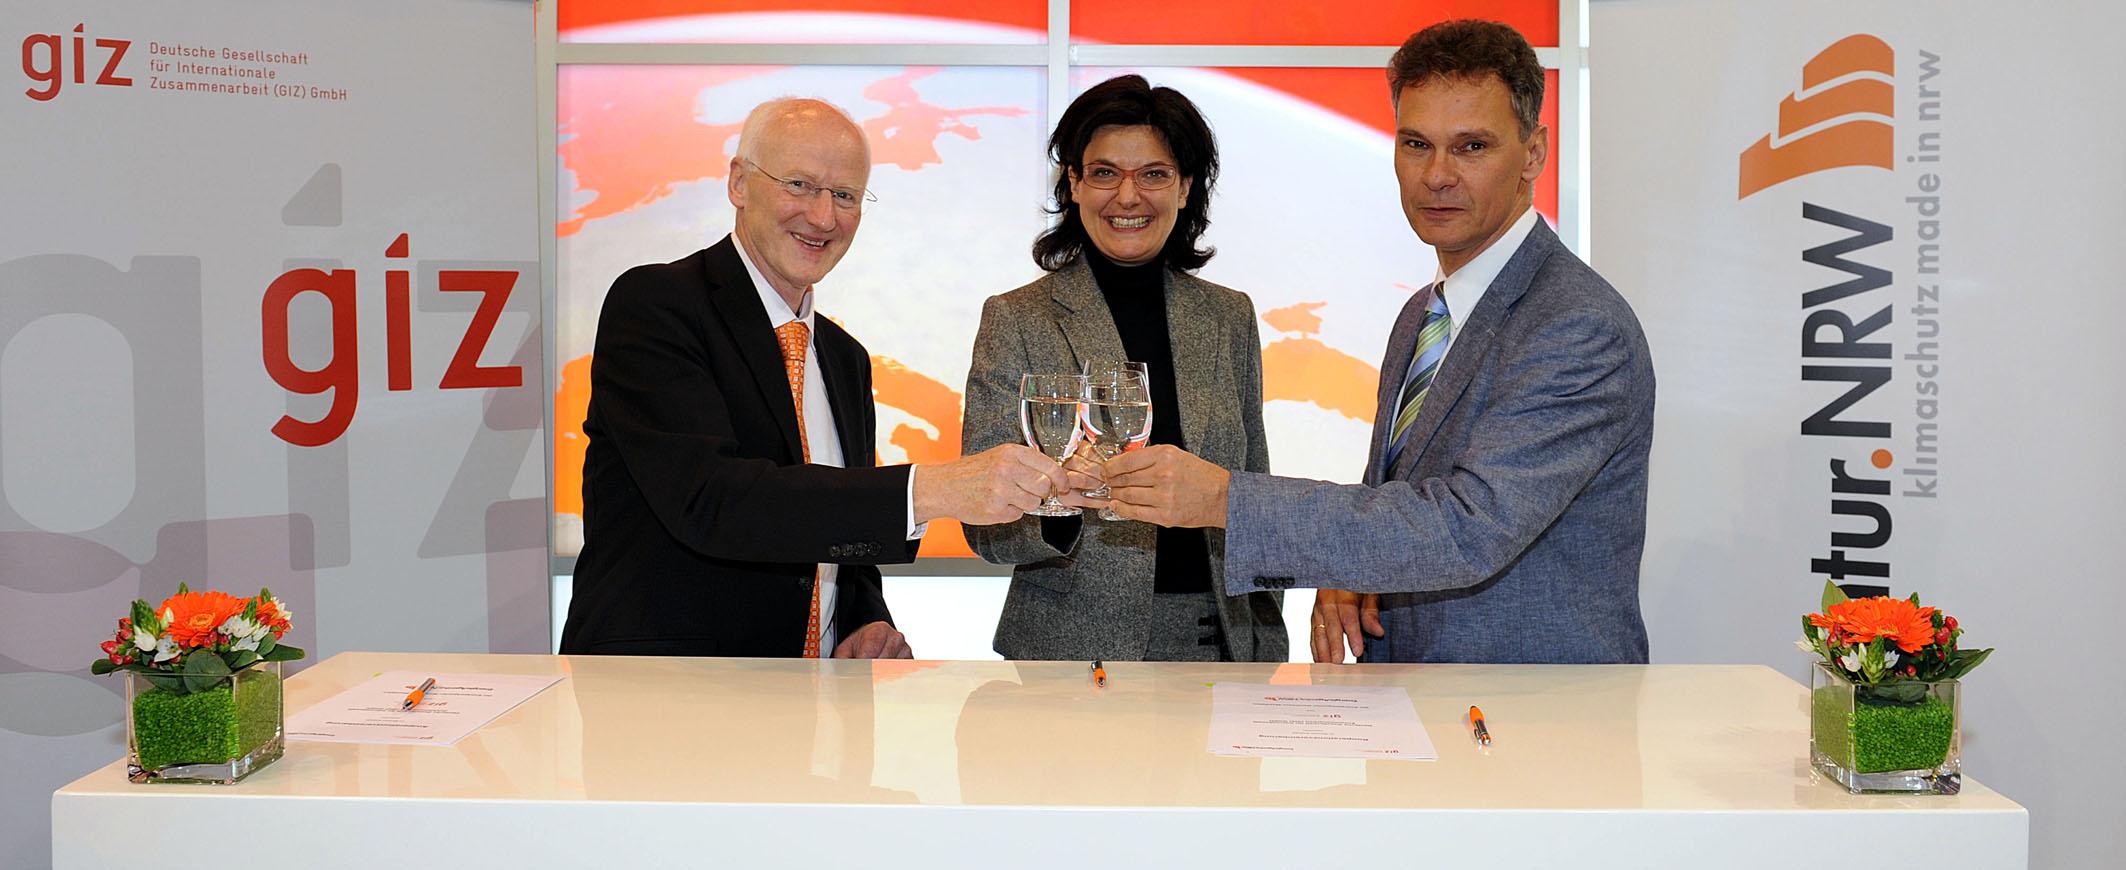 File:Kooperationsabkommen GIZ und EANRW am 13.11.2013, Messe Essen ...